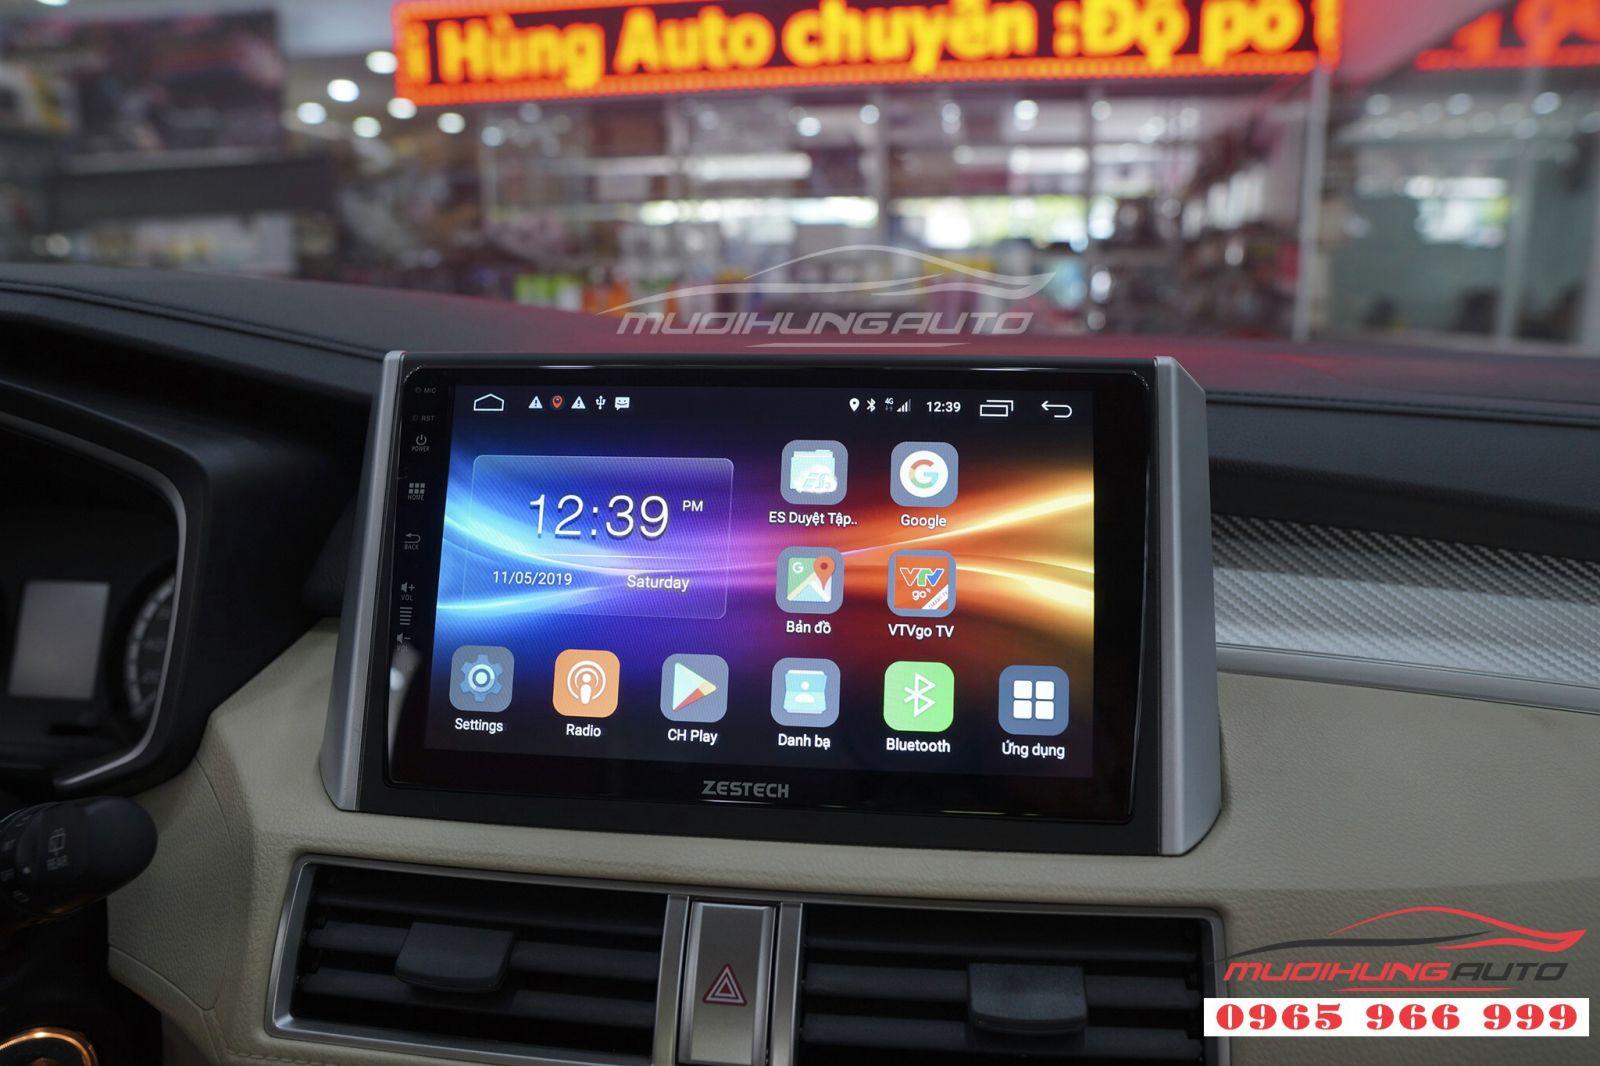 DVD Zestech Z500 khuấy động thị trường phụ kiện ô tô 01